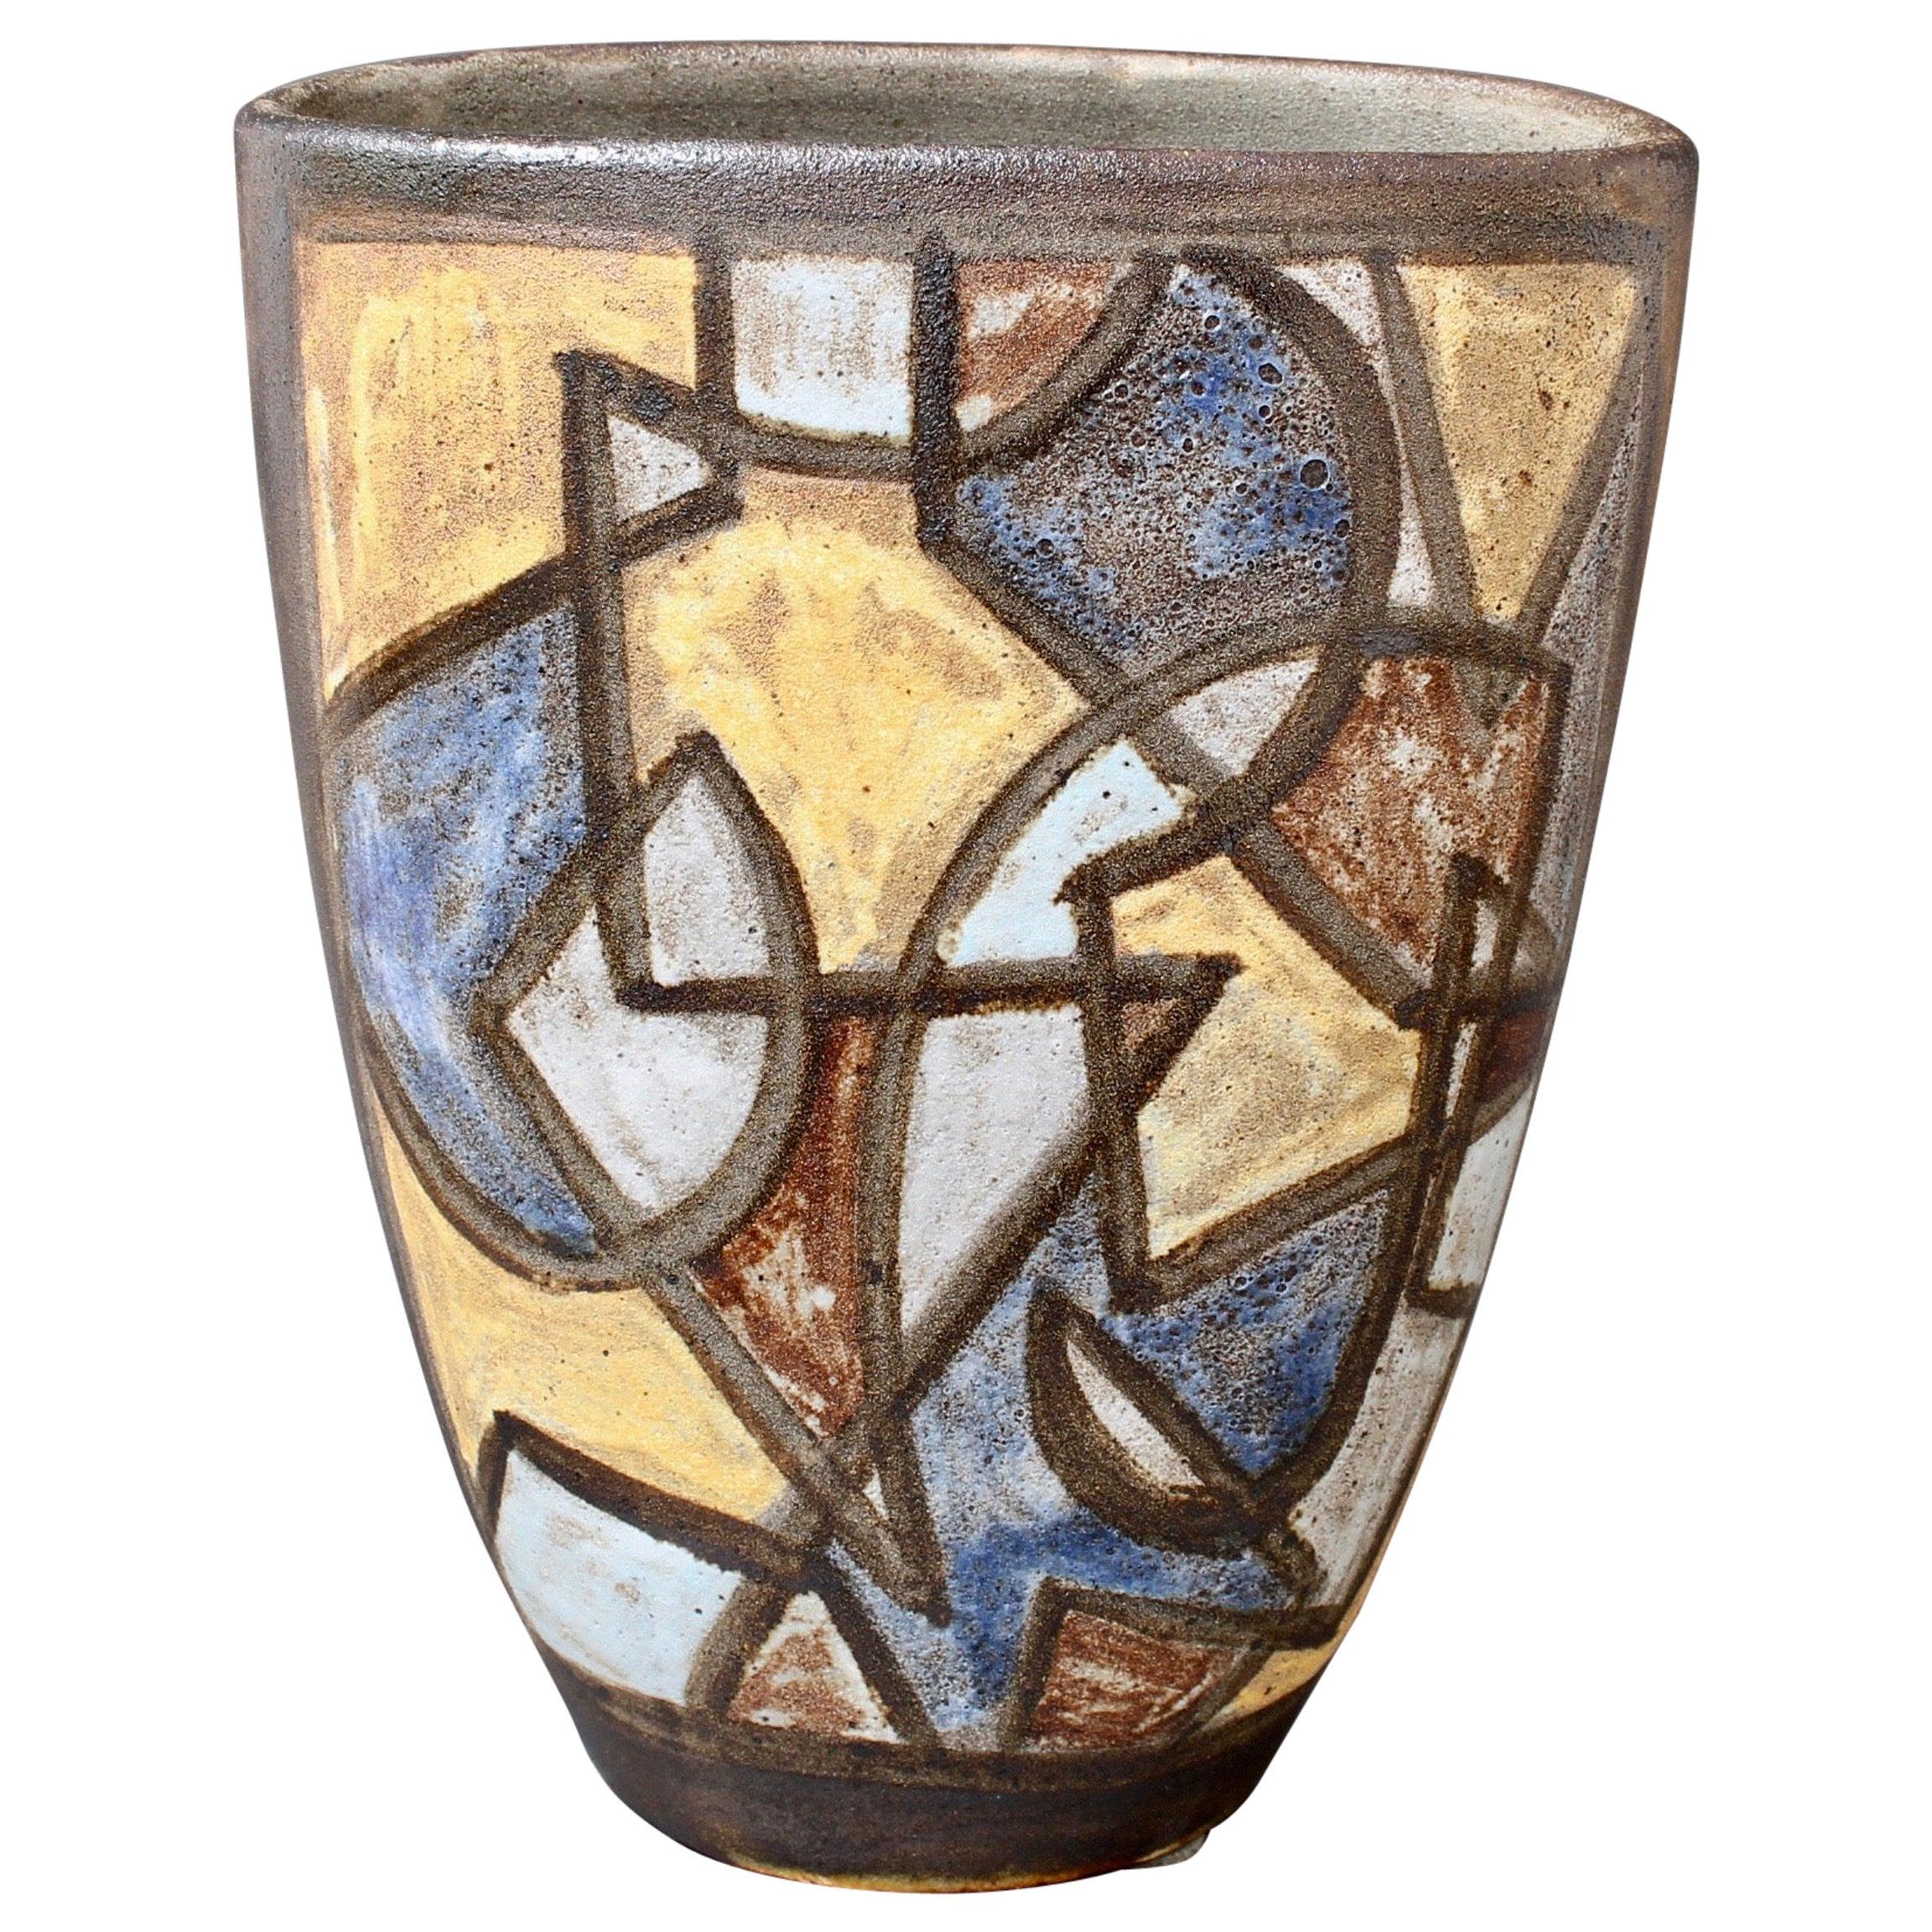 Ceramic Decorative Vase by Alexandre Kostanda, circa 1960s